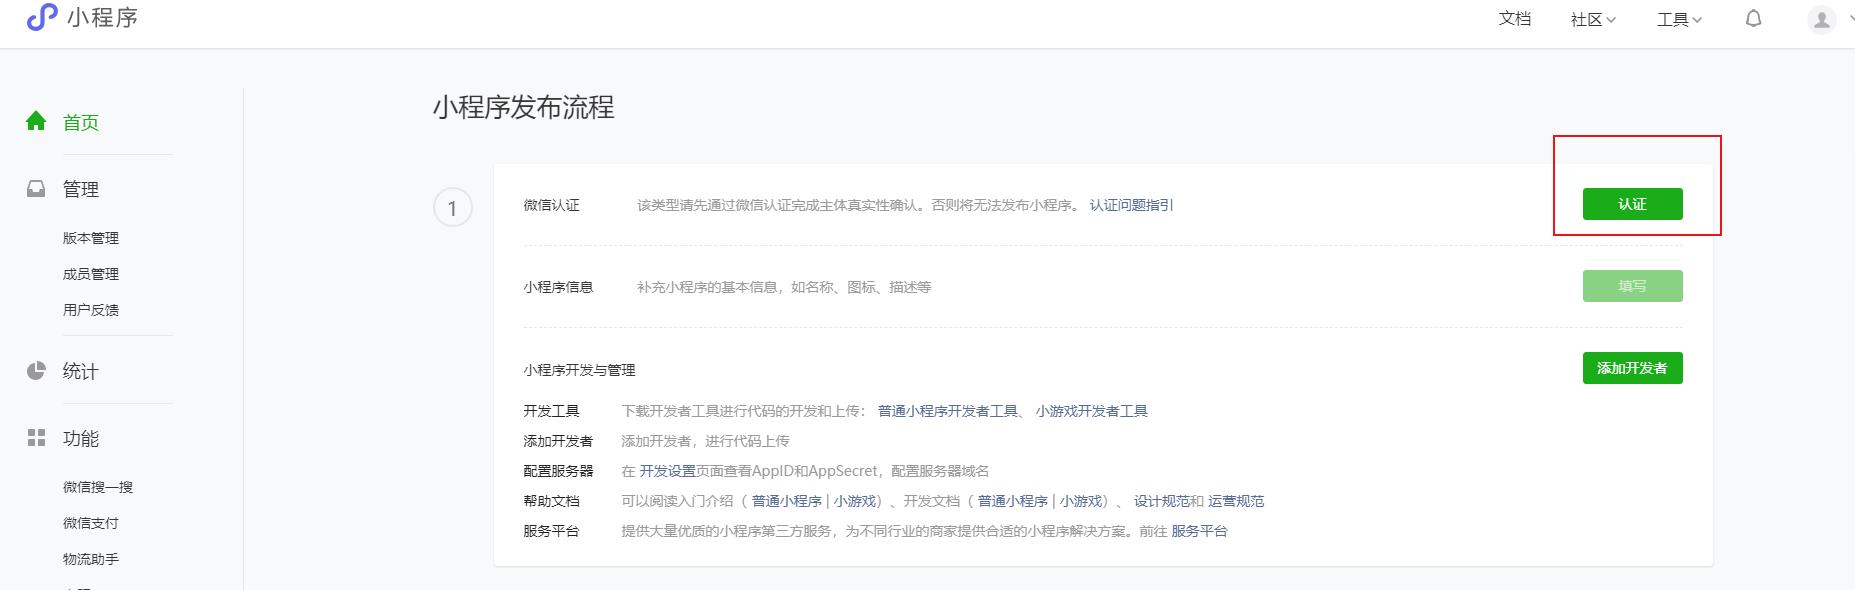 海外主体小程序注册流程(中文版)(图9)